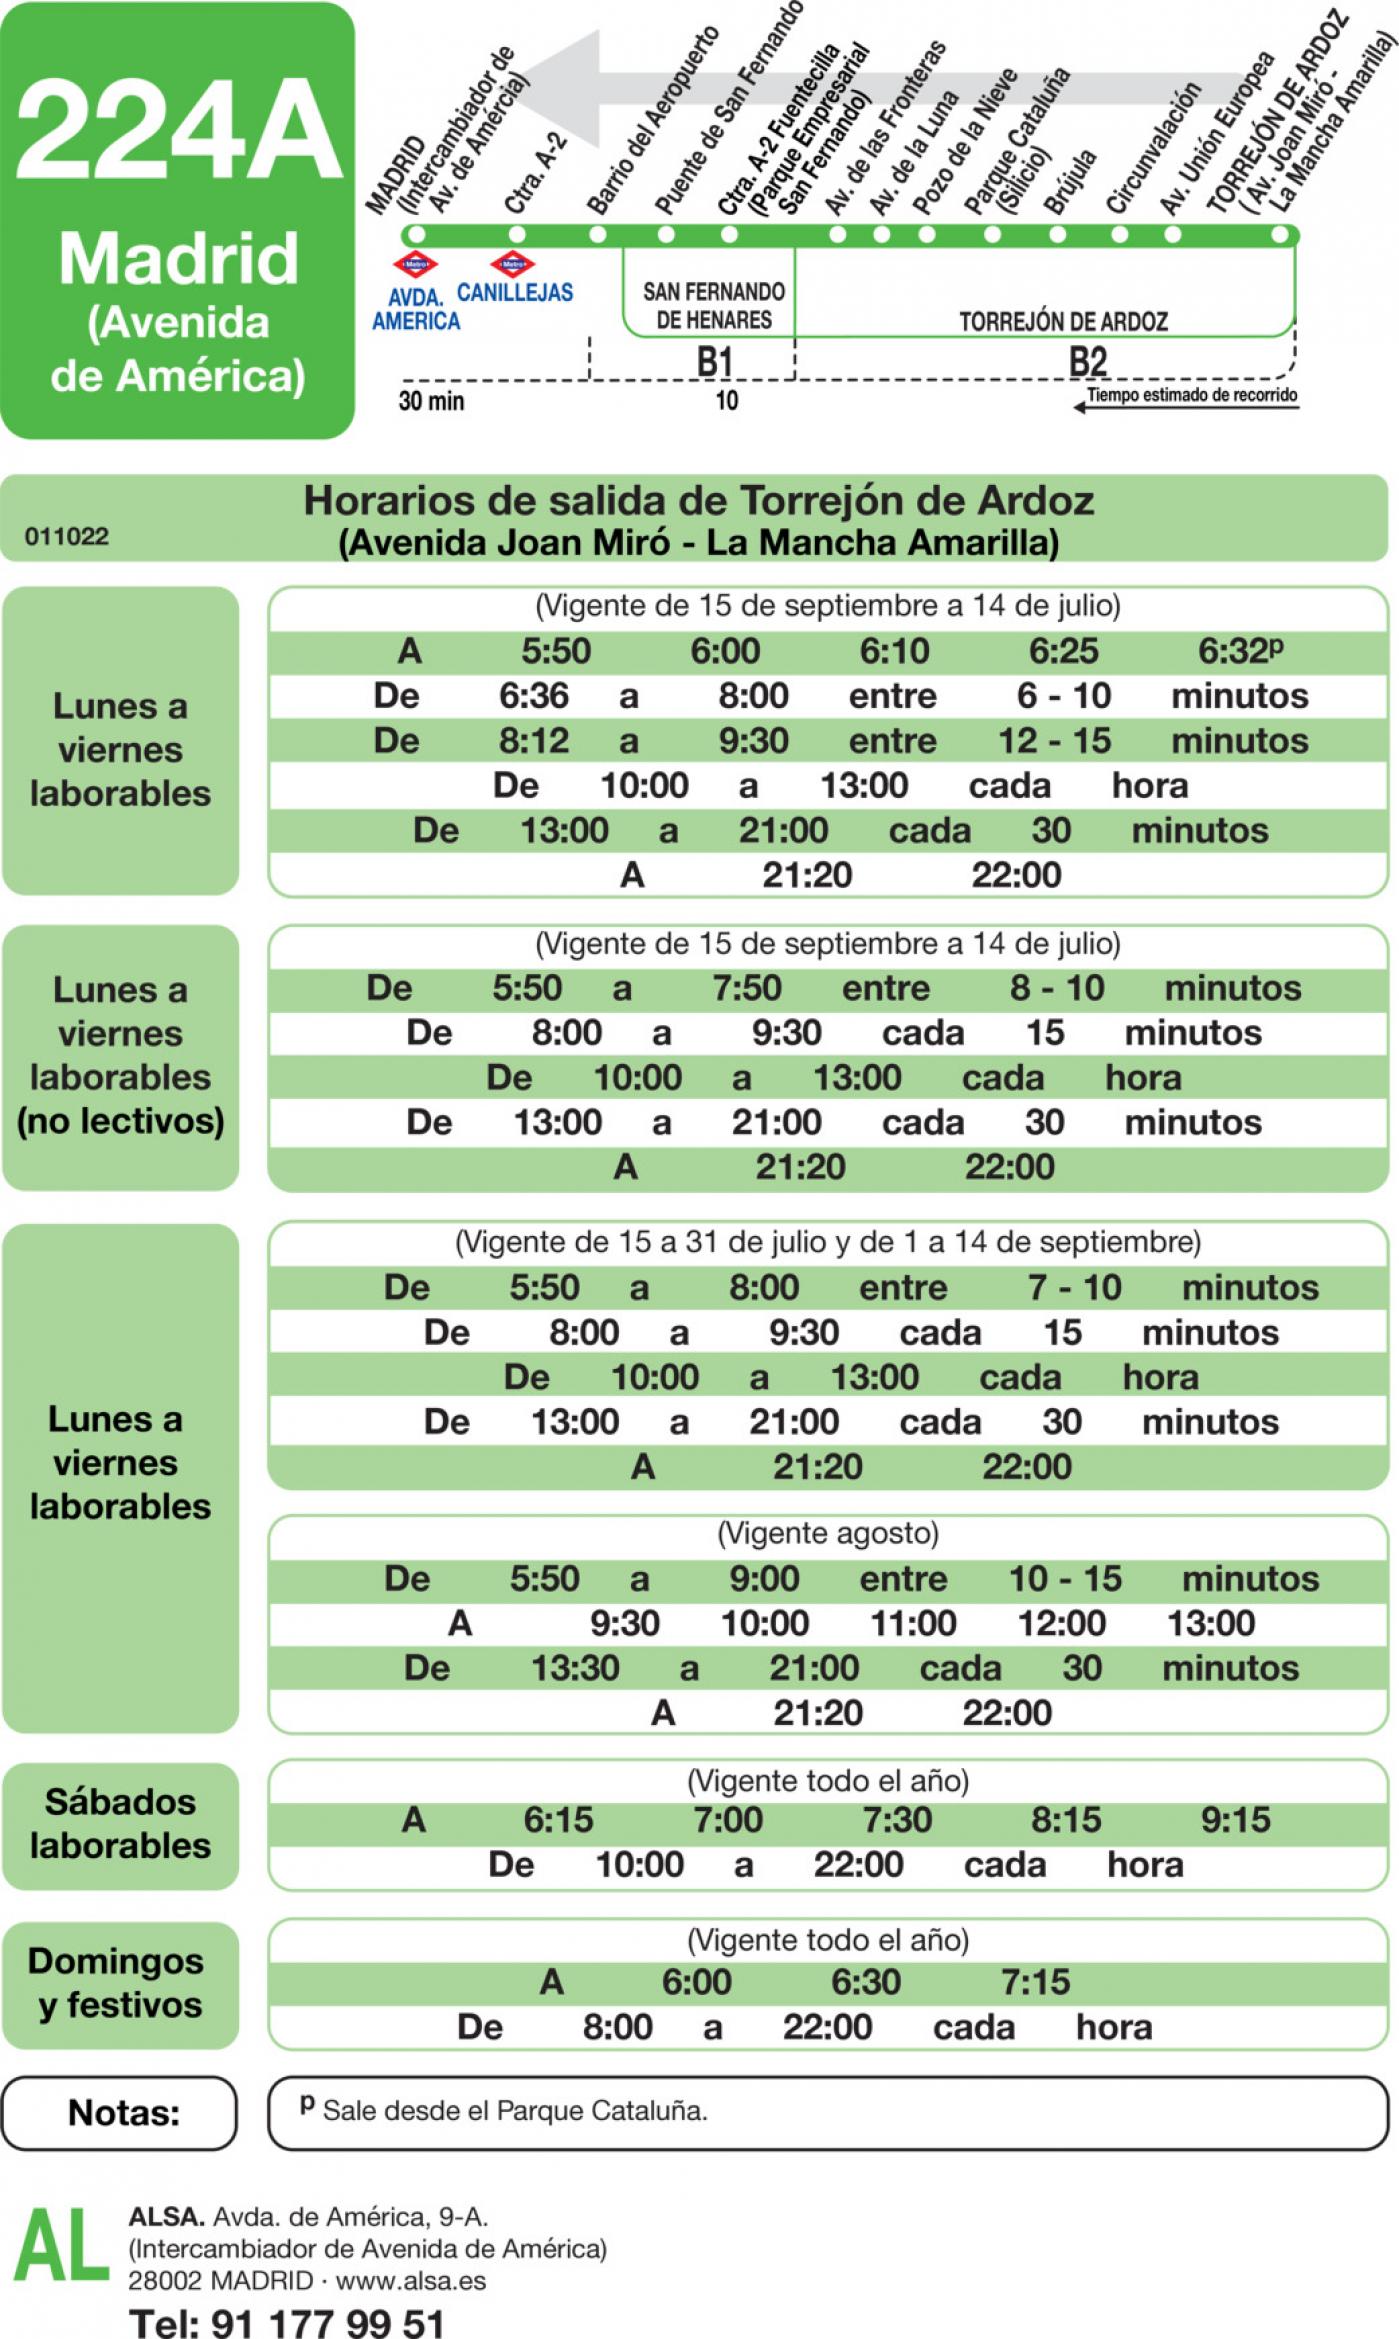 Tabla de horarios y frecuencias de paso en sentido vuelta Línea 224-A: Madrid (Avenida América) - Torrejón de Ardoz (La Mancha Amarilla)